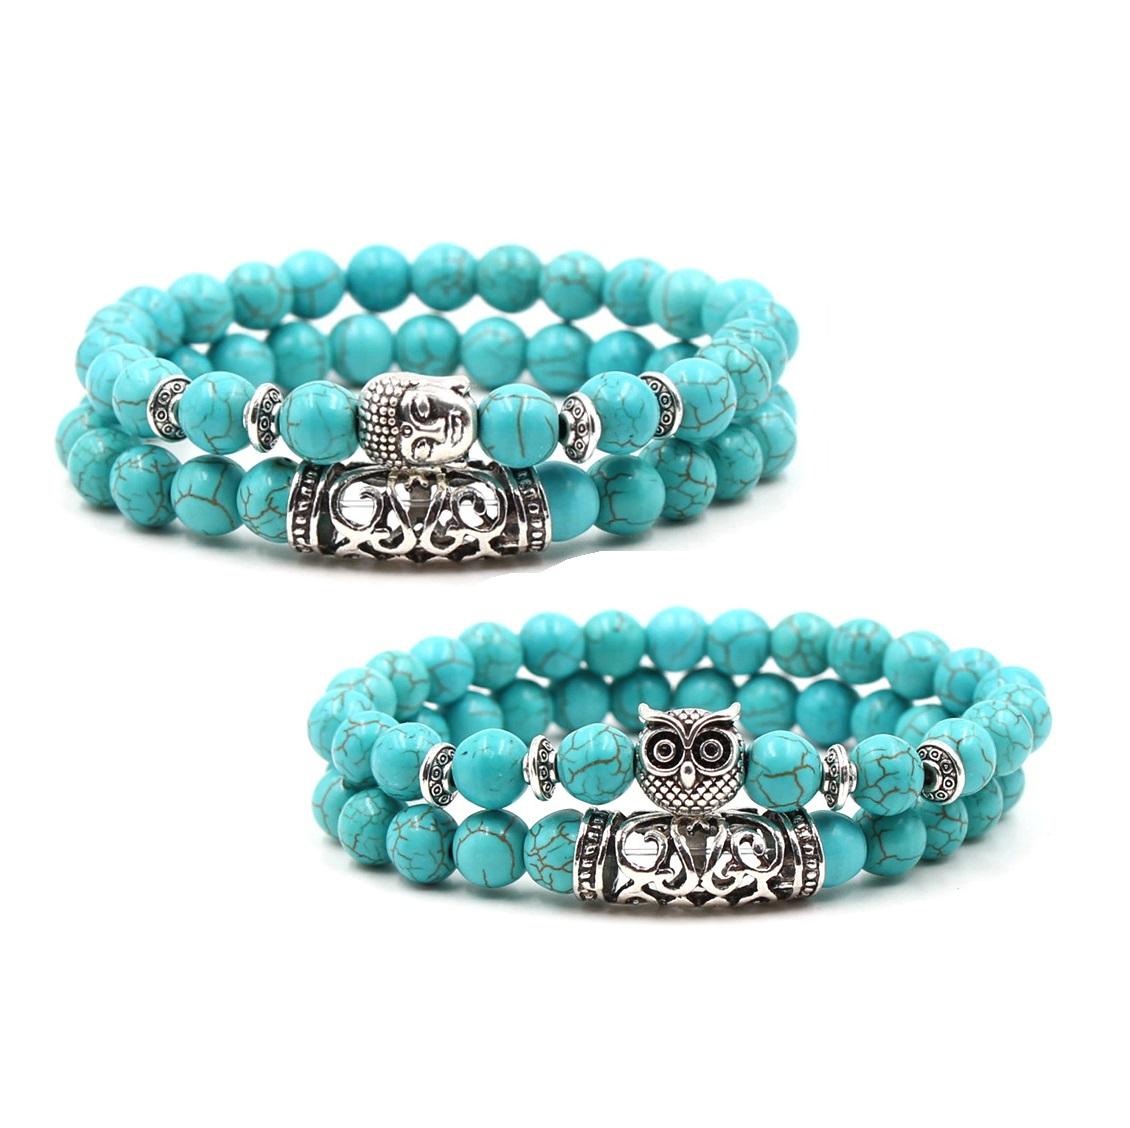 Perlen Armband, Damen Modeschmuck, Schmuckshop Schweiz